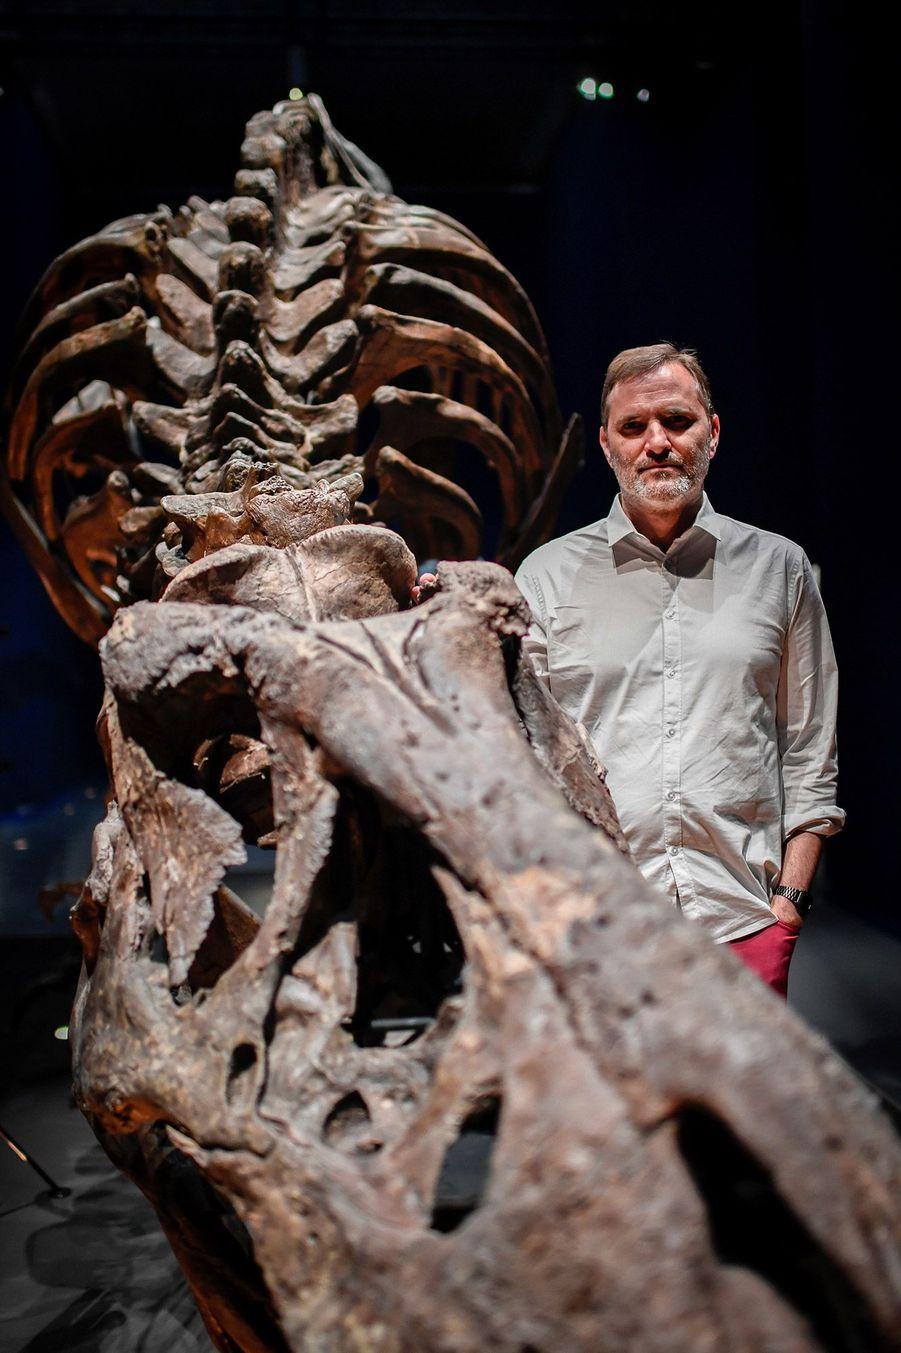 Le squelette de Trix etRonan Allain,commissaire de l'exposition.